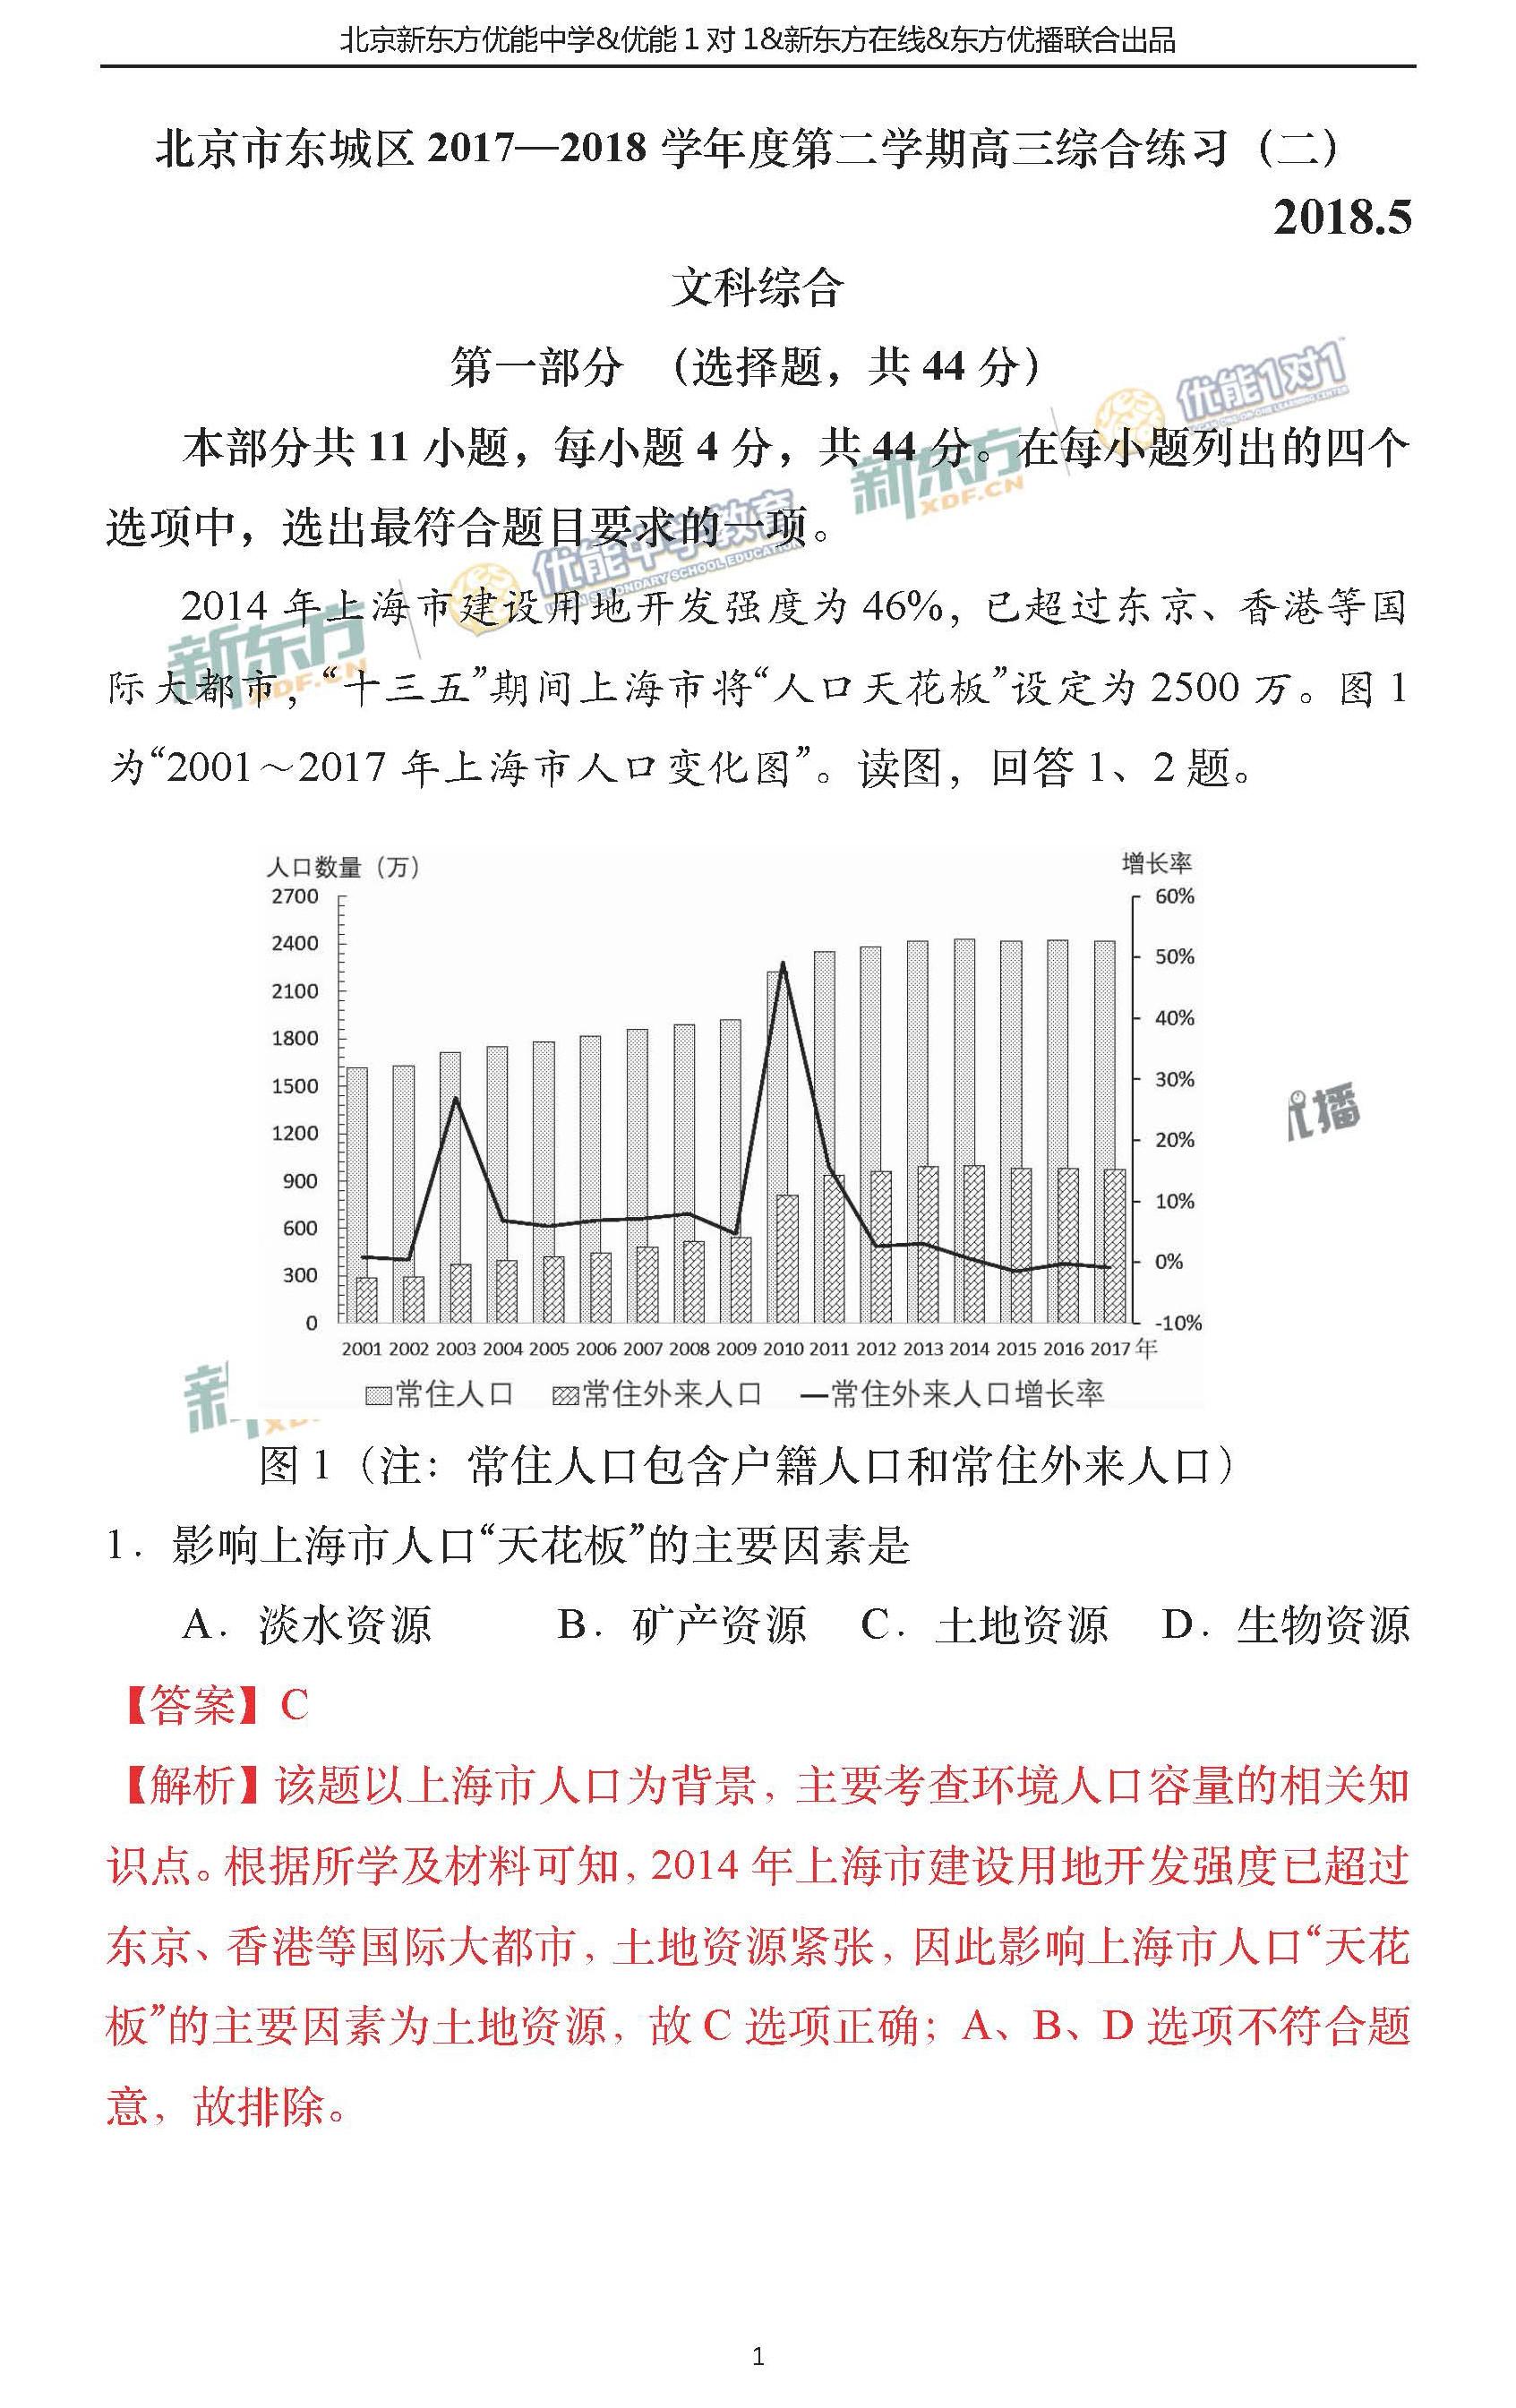 新东方:北京2018东城二模文综高三试卷解析